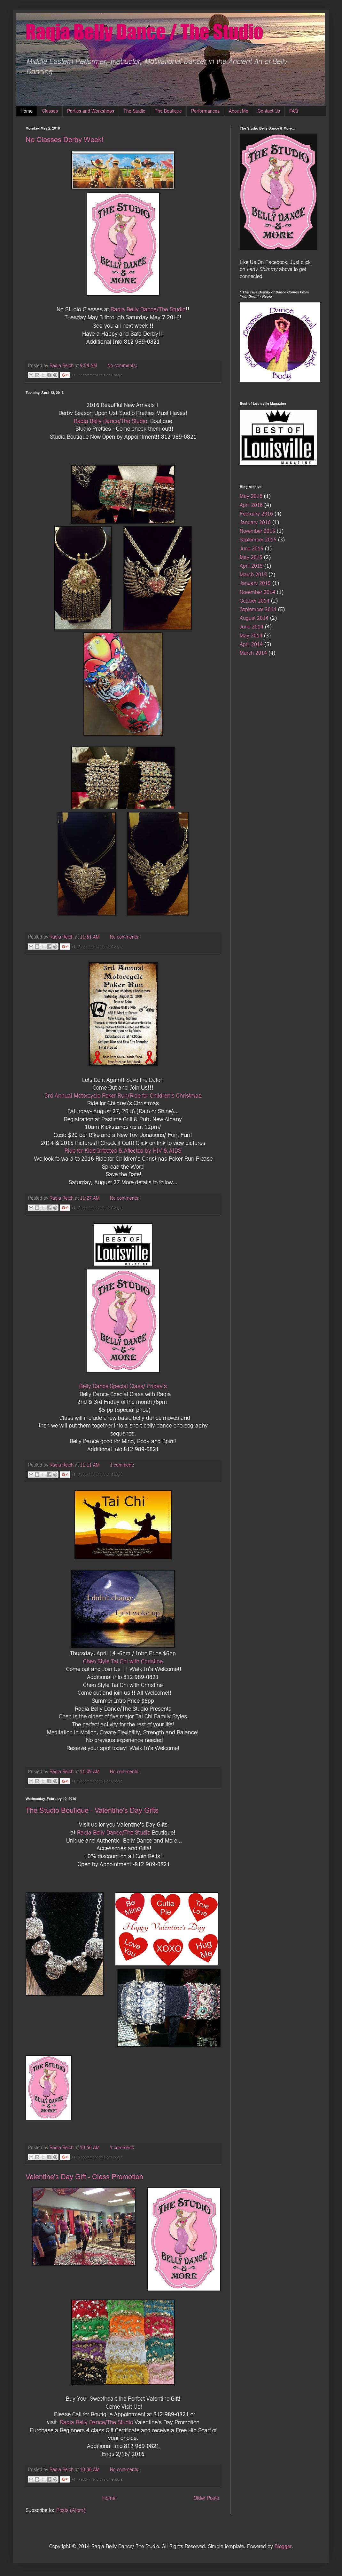 Raqia Belly Dance/the Studio Competitors, Revenue and